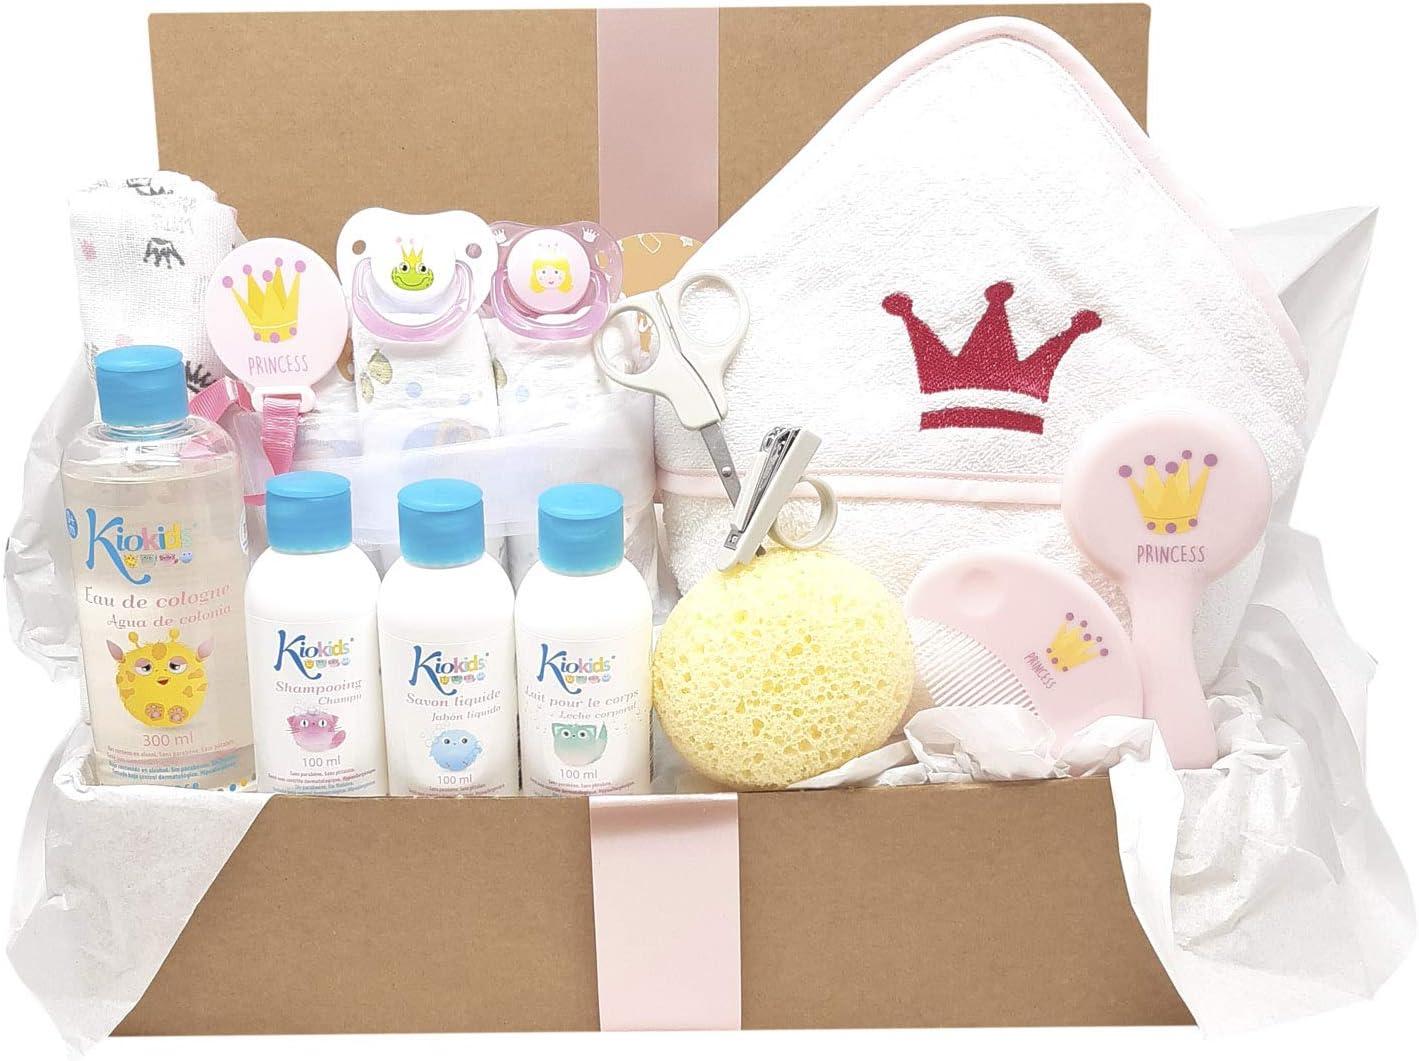 Canastilla reci/én nacido modelo Royal Bath Mababyshop Azul regalo original para recien nacido ideal como cesta de ba/ño beb/é